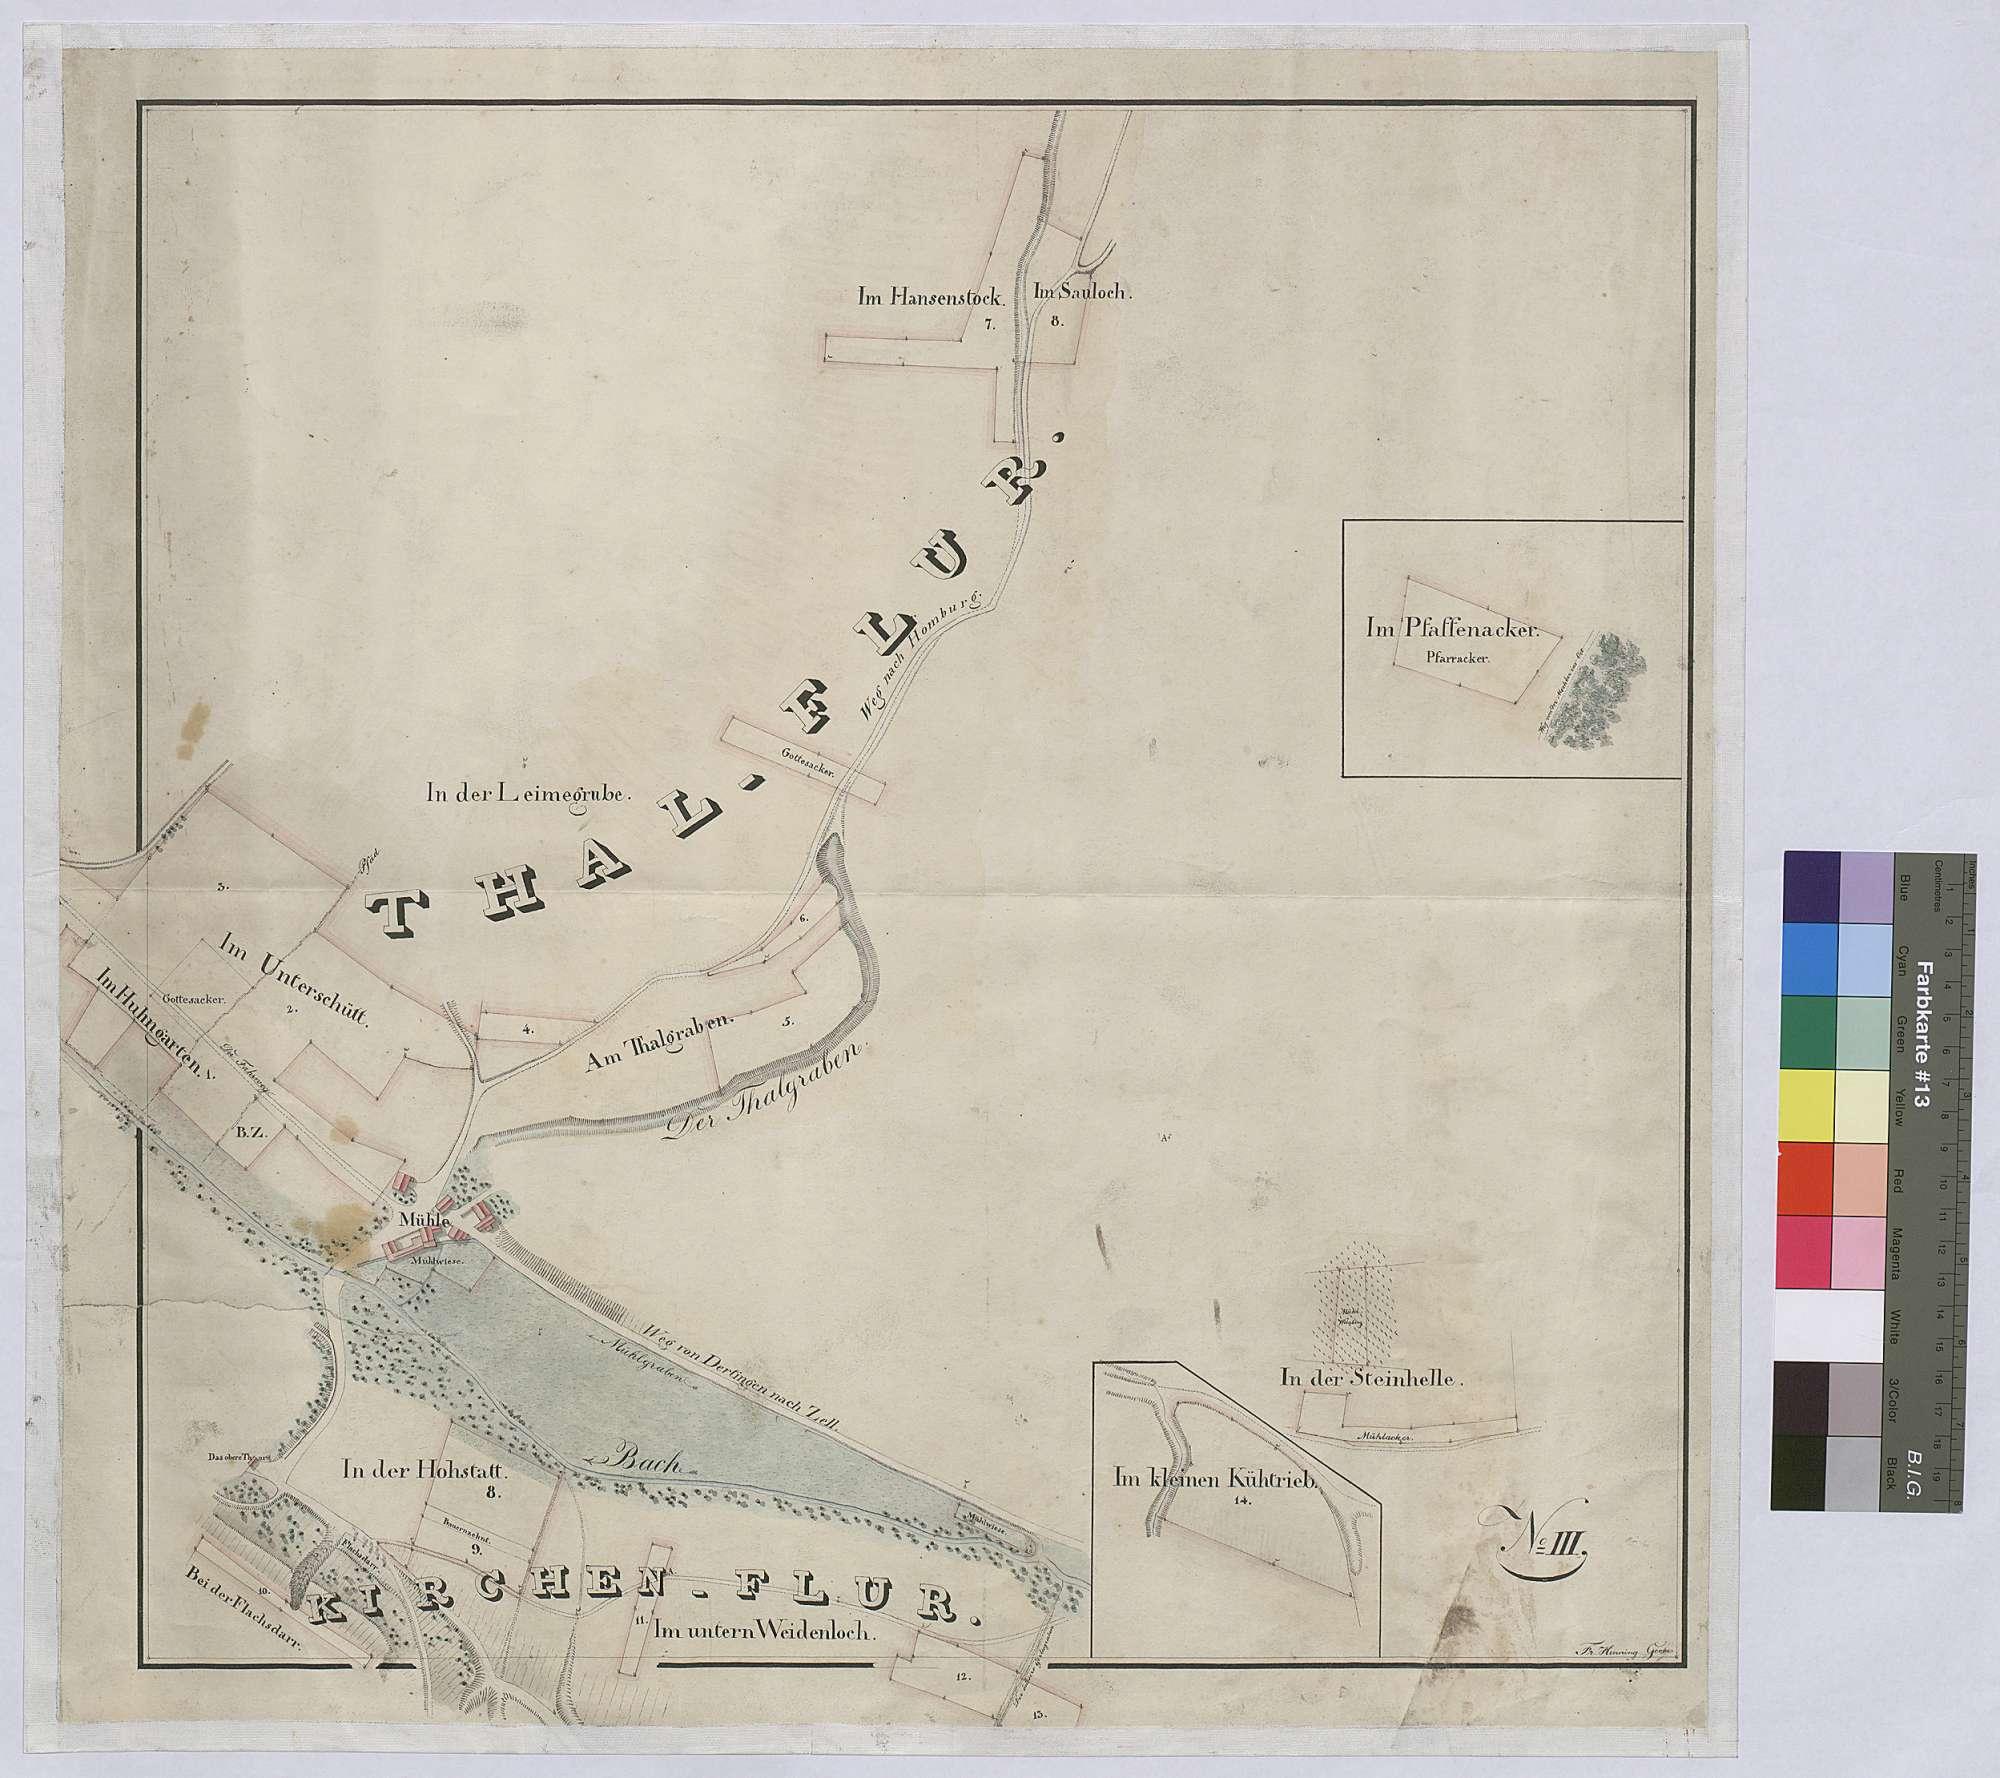 [Gemeinherrschaftliche Grundstücke auf der Gemarkung Dertingen] (Inselkarte), Bild 1